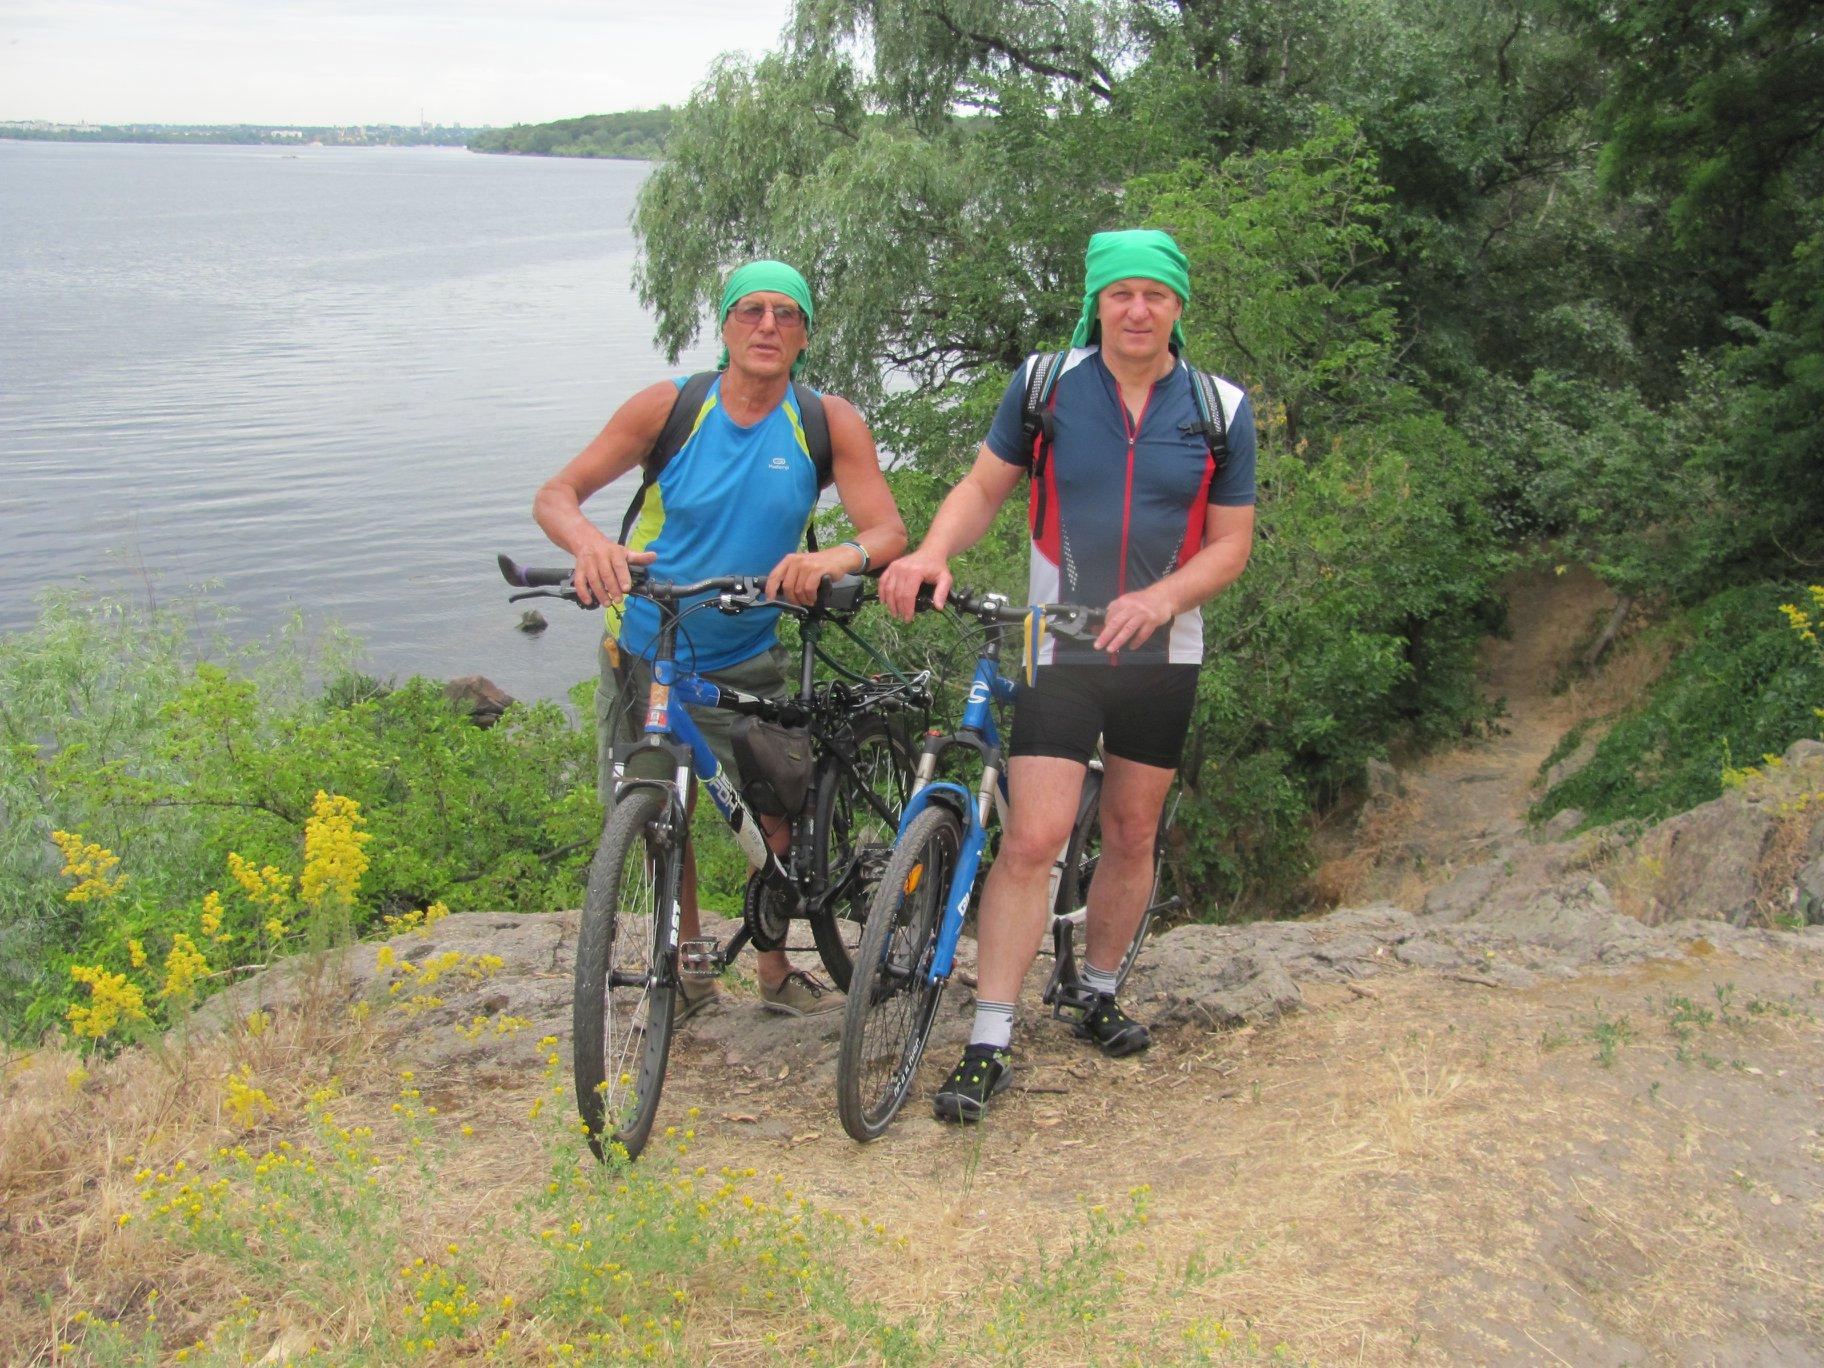 Запорожские путешественники отправились на велосипедах в экспедицию по Скандинавии - ФОТО